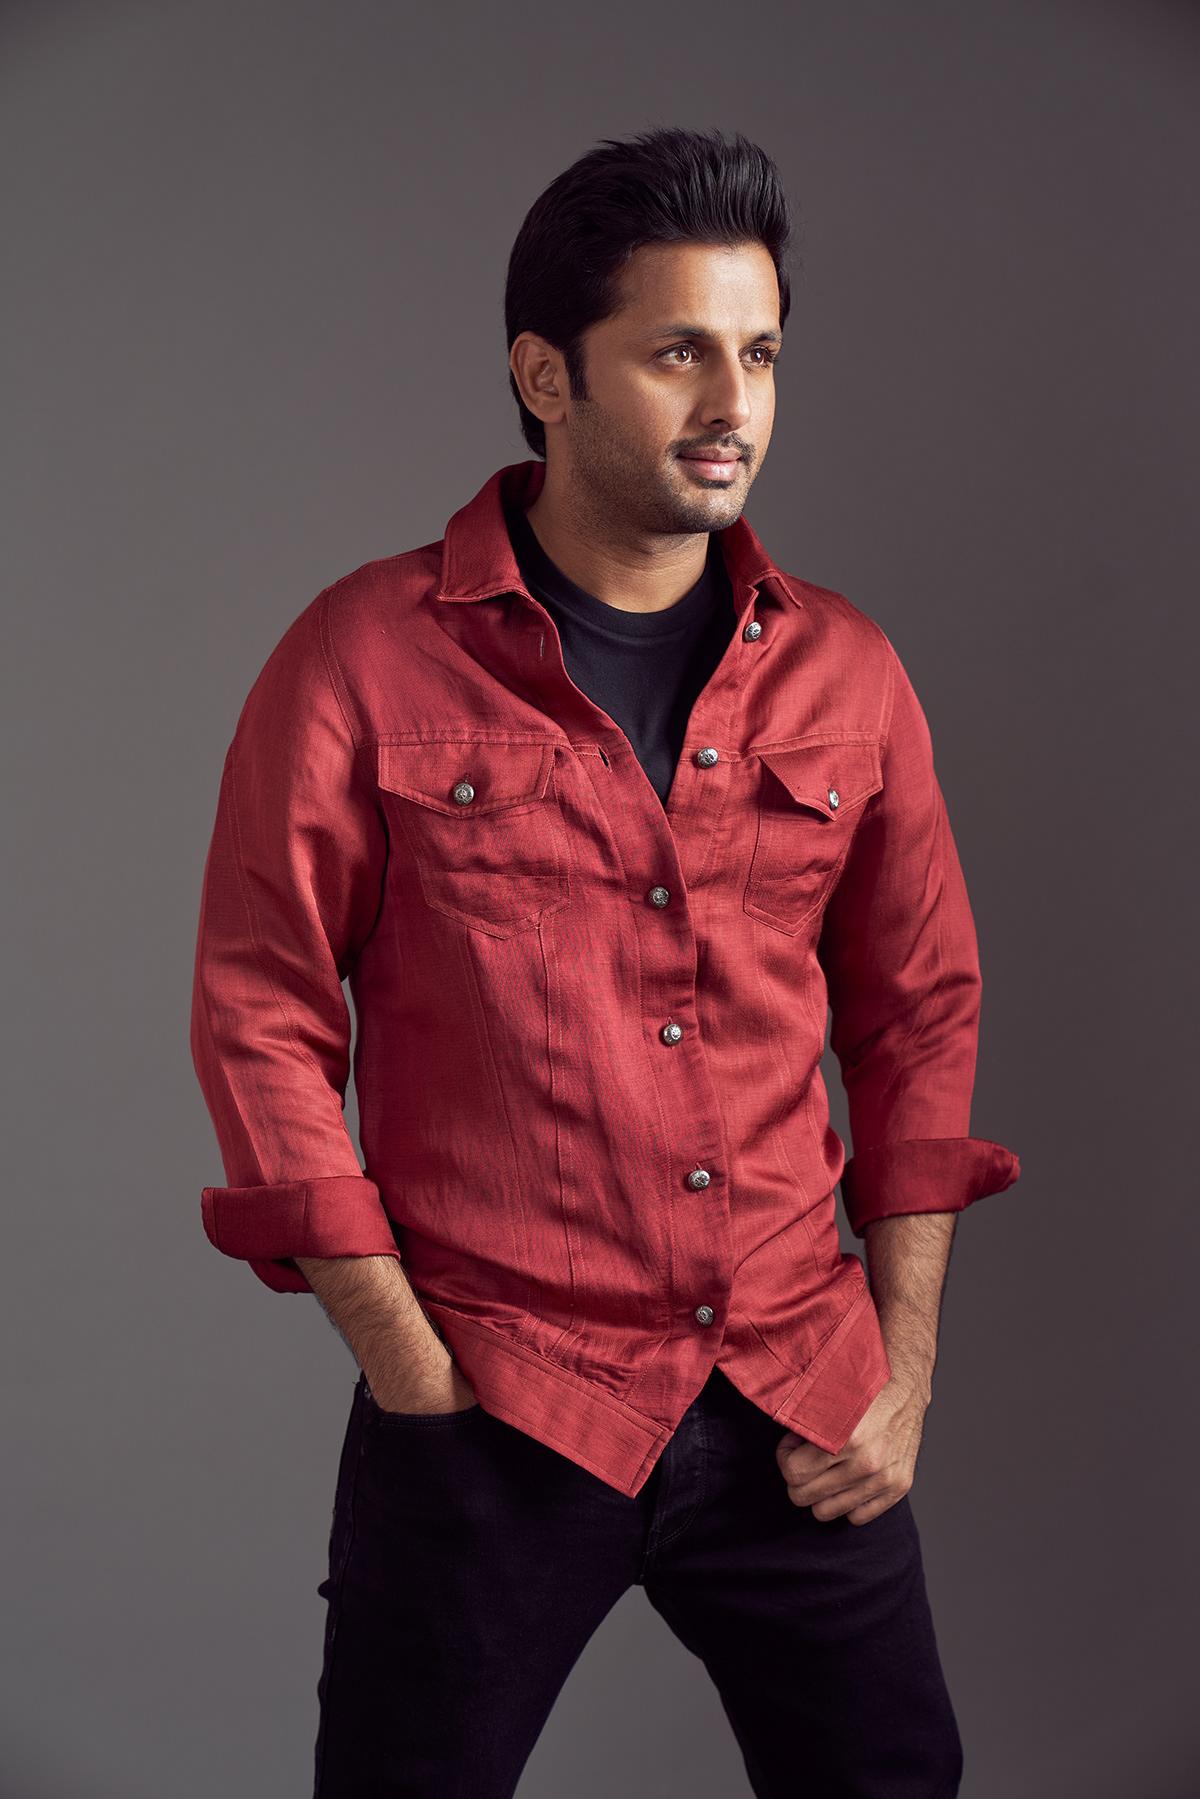 Image may contain: person, shirt and wall